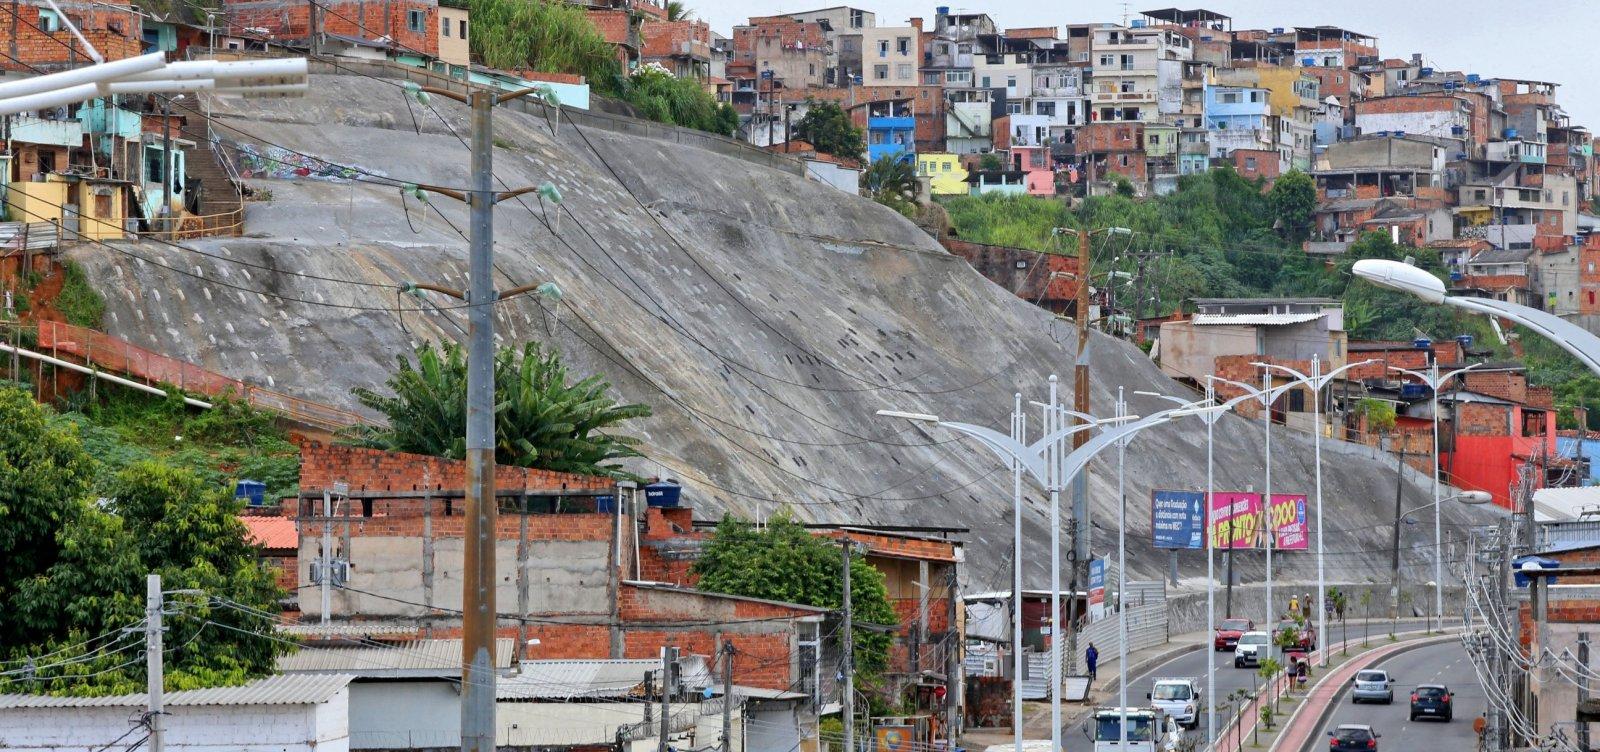 [Governo ultrapassa número de 50 obras em contenções de encostas entregues em Salvador]